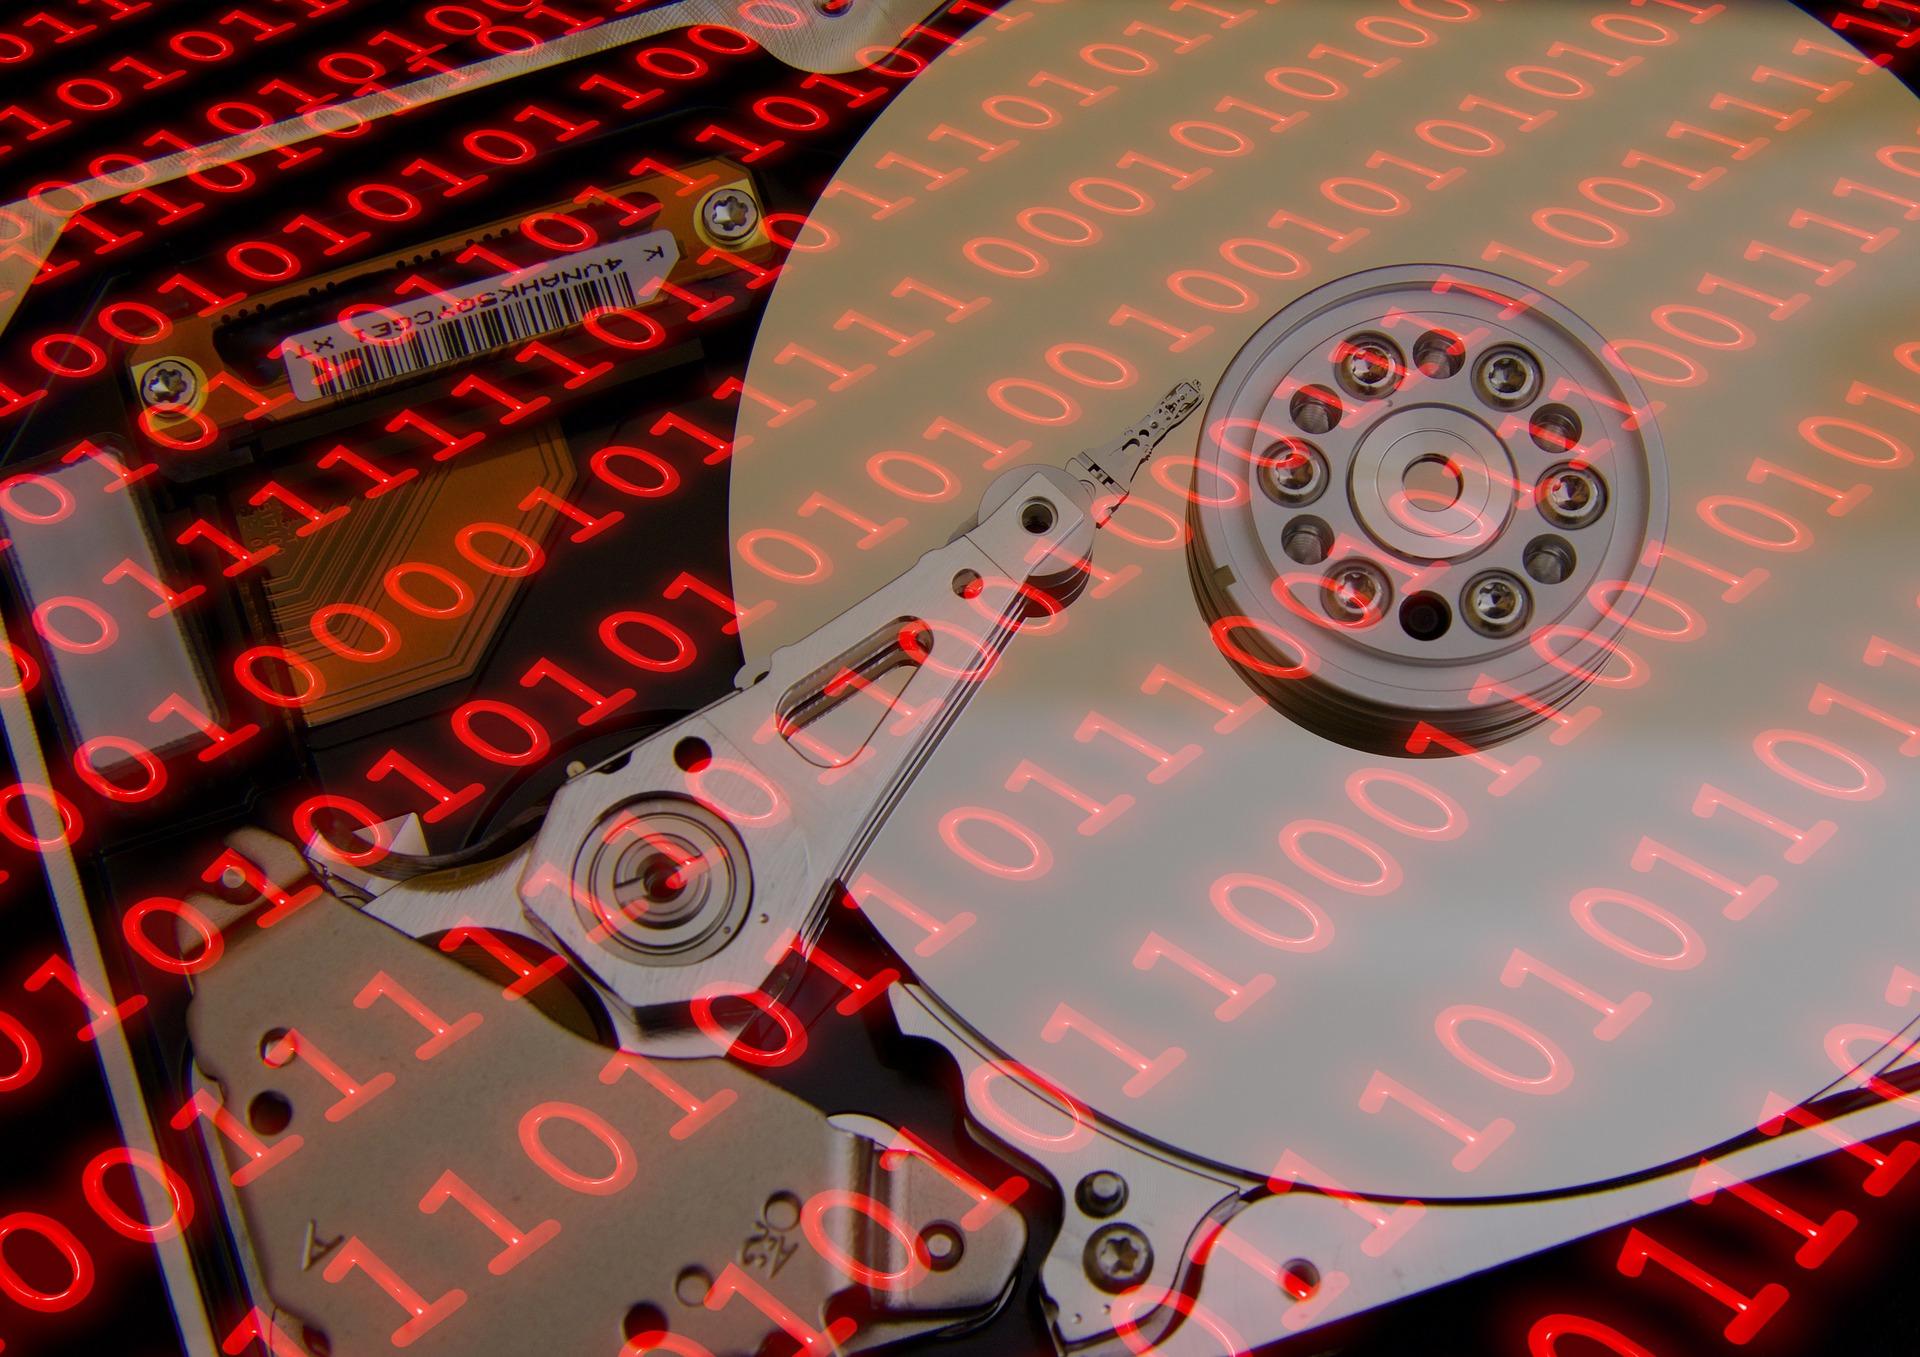 Wir garantieren eine schnelle und zuverlässige Datenrettung Ihrer Festplatte in Salzburg und ganz Österreich